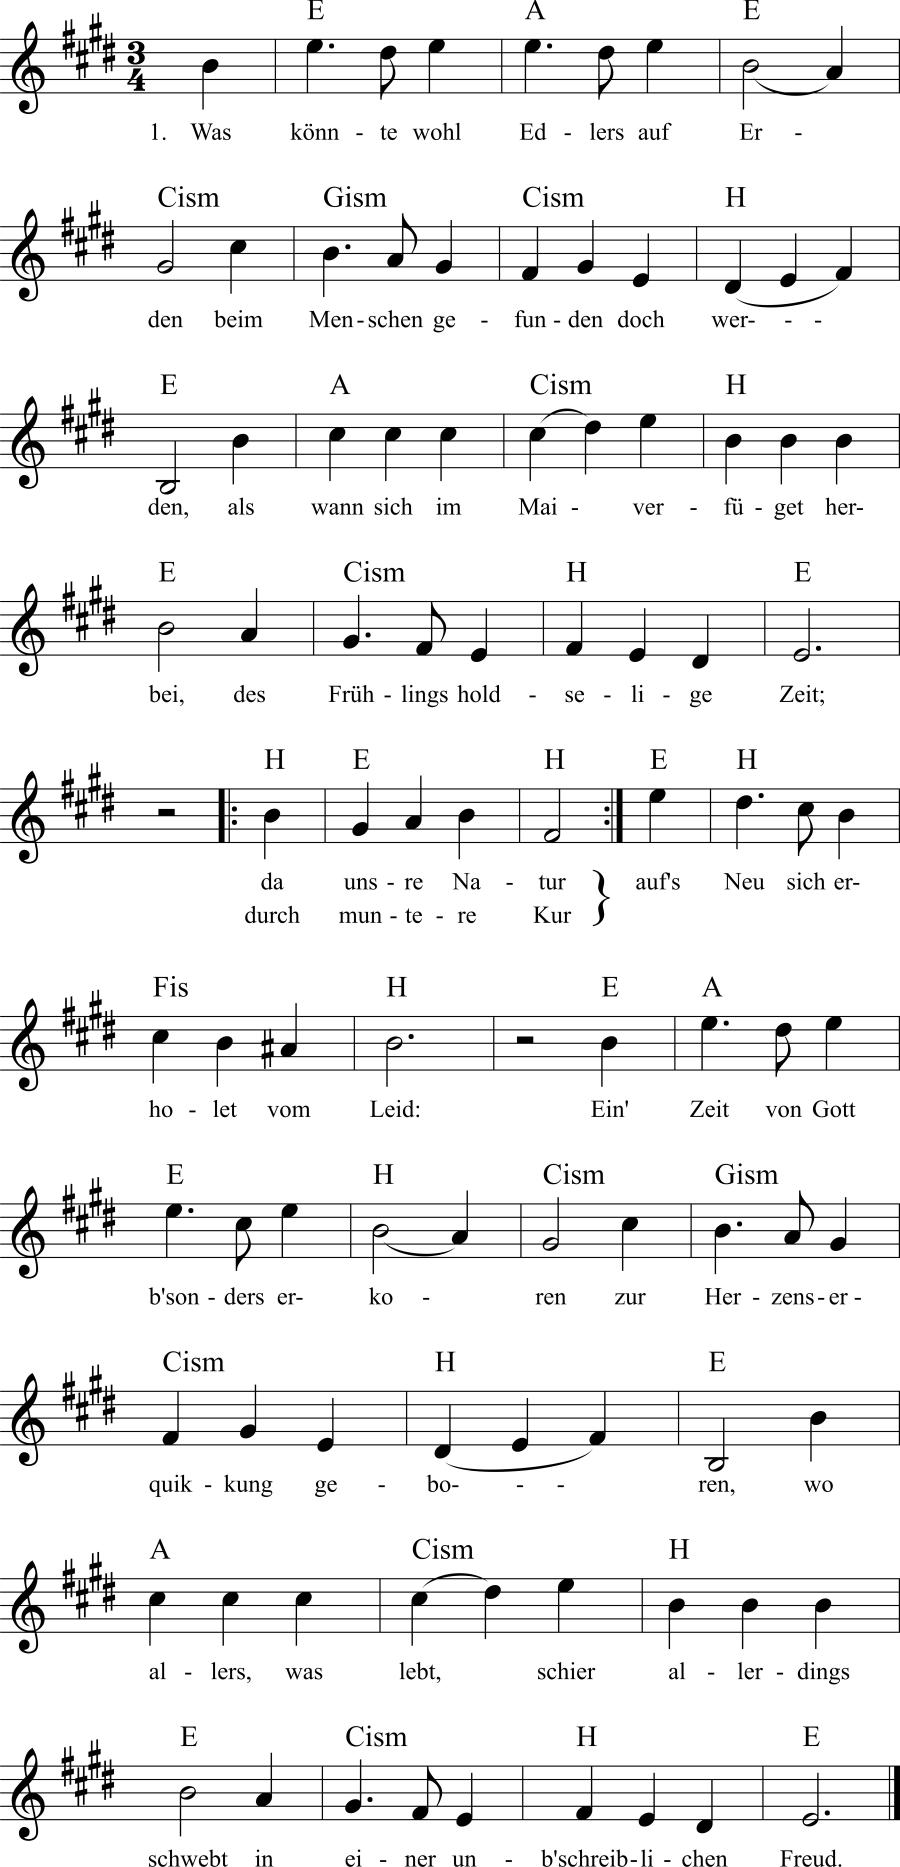 Musiknoten zum Lied Was könnte wohl Edlers auf Erden